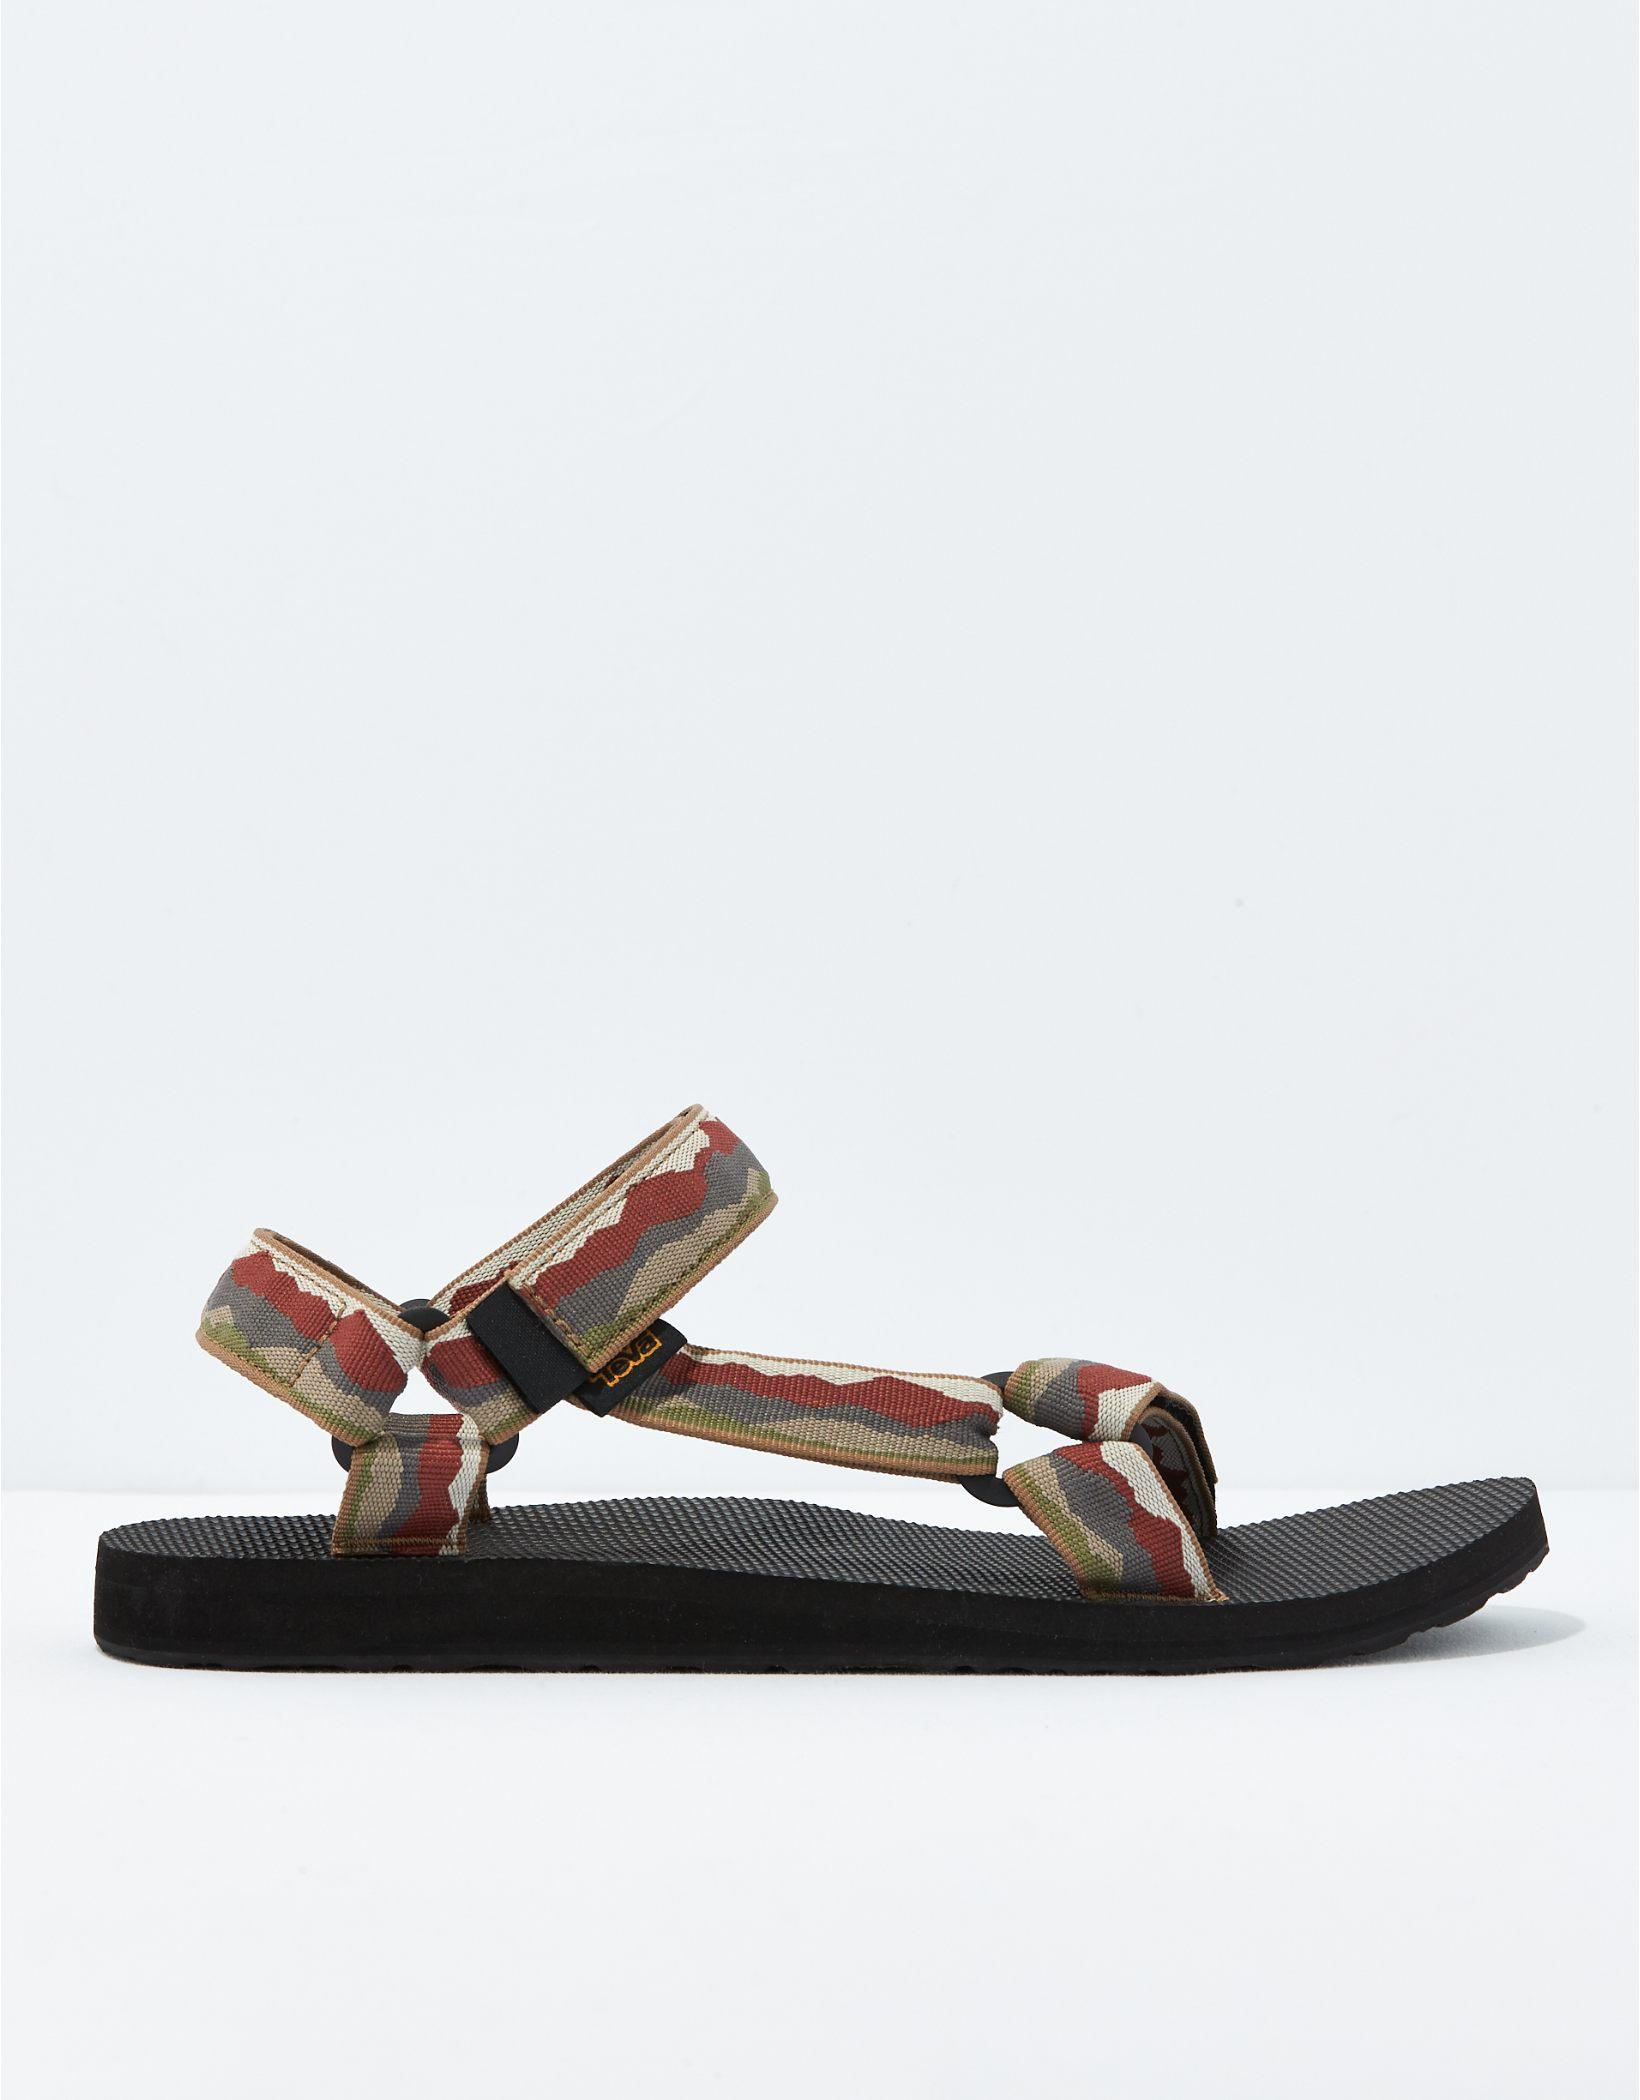 Teva Men's Original Universal Sandal